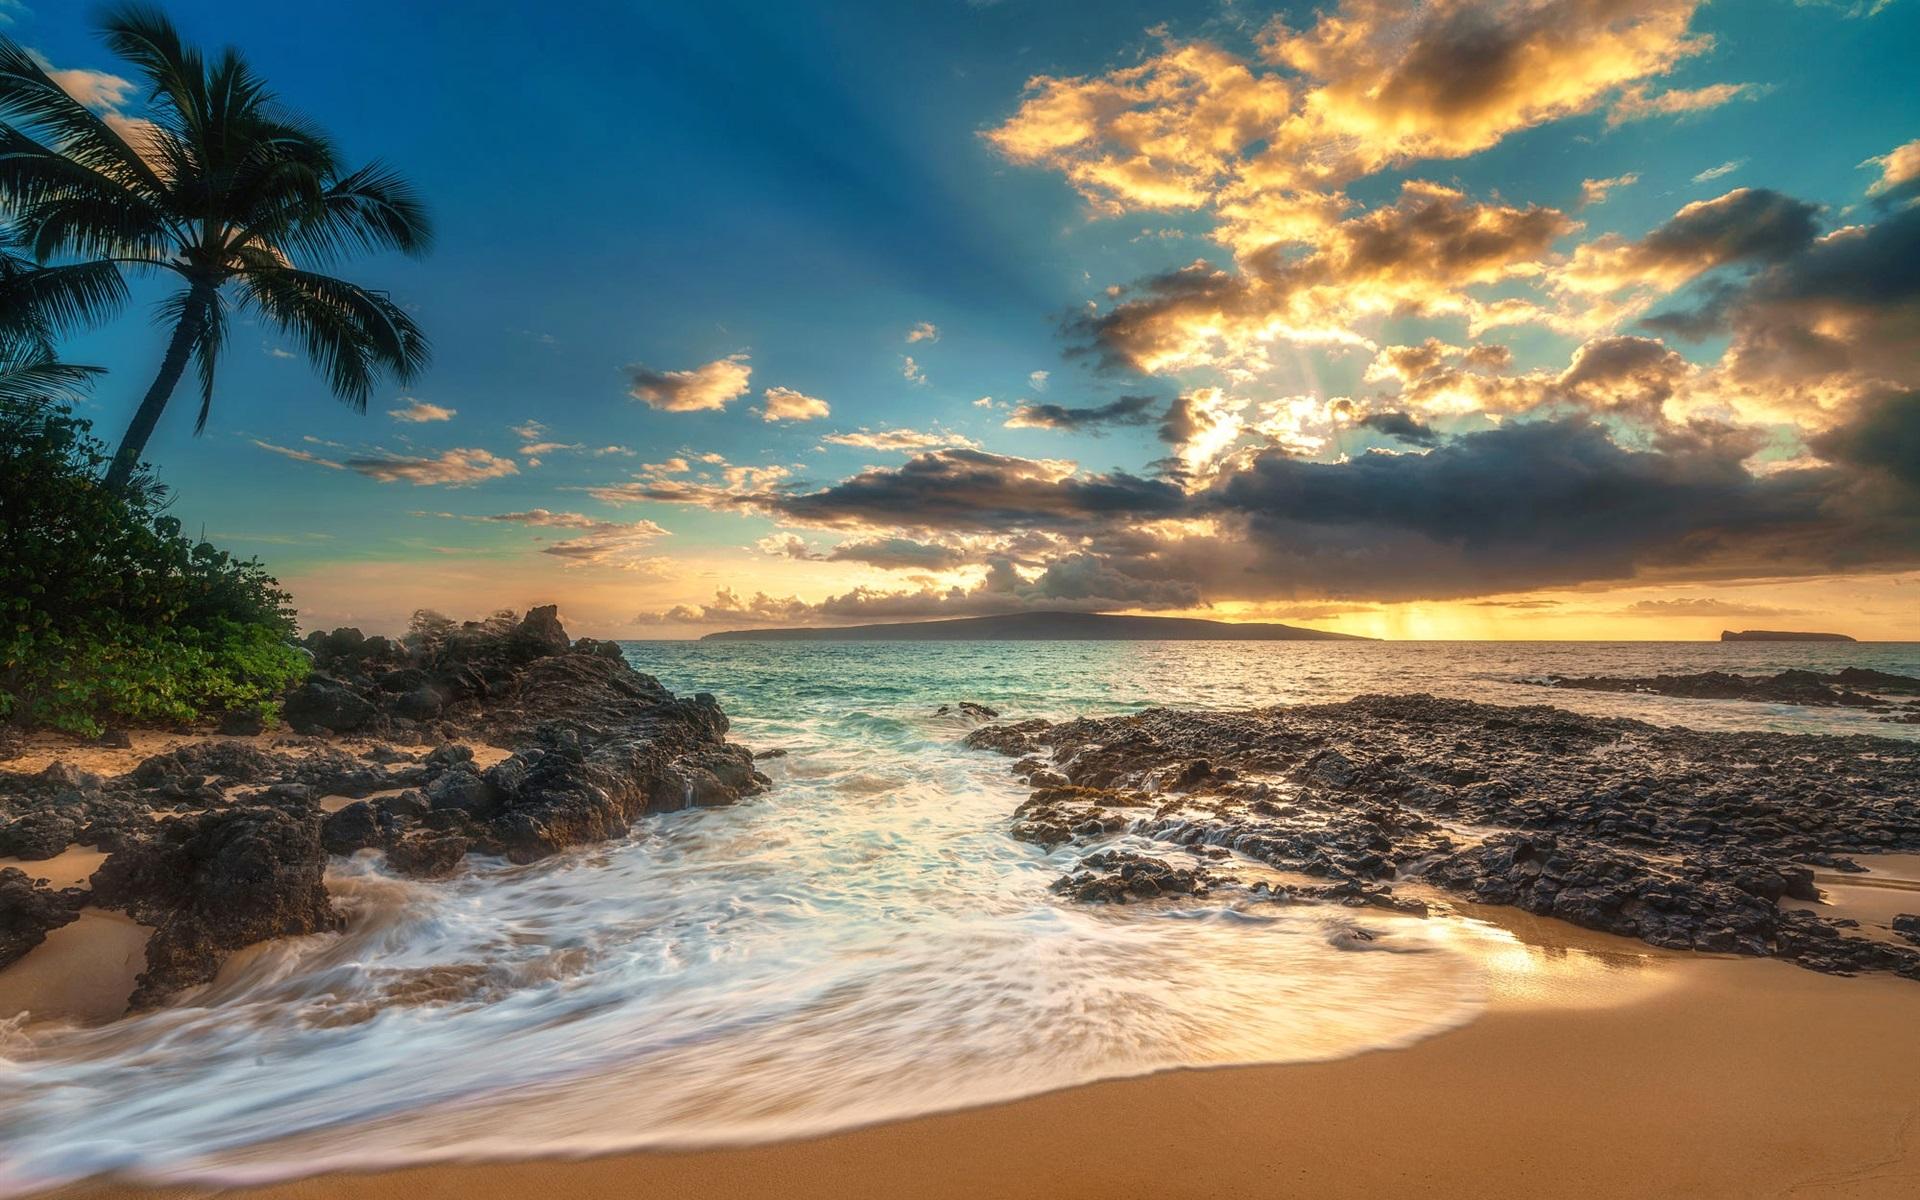 Fonds d'écran Palmiers, mer, nuages, plage, coucher de soleil 1920x1200 HD image